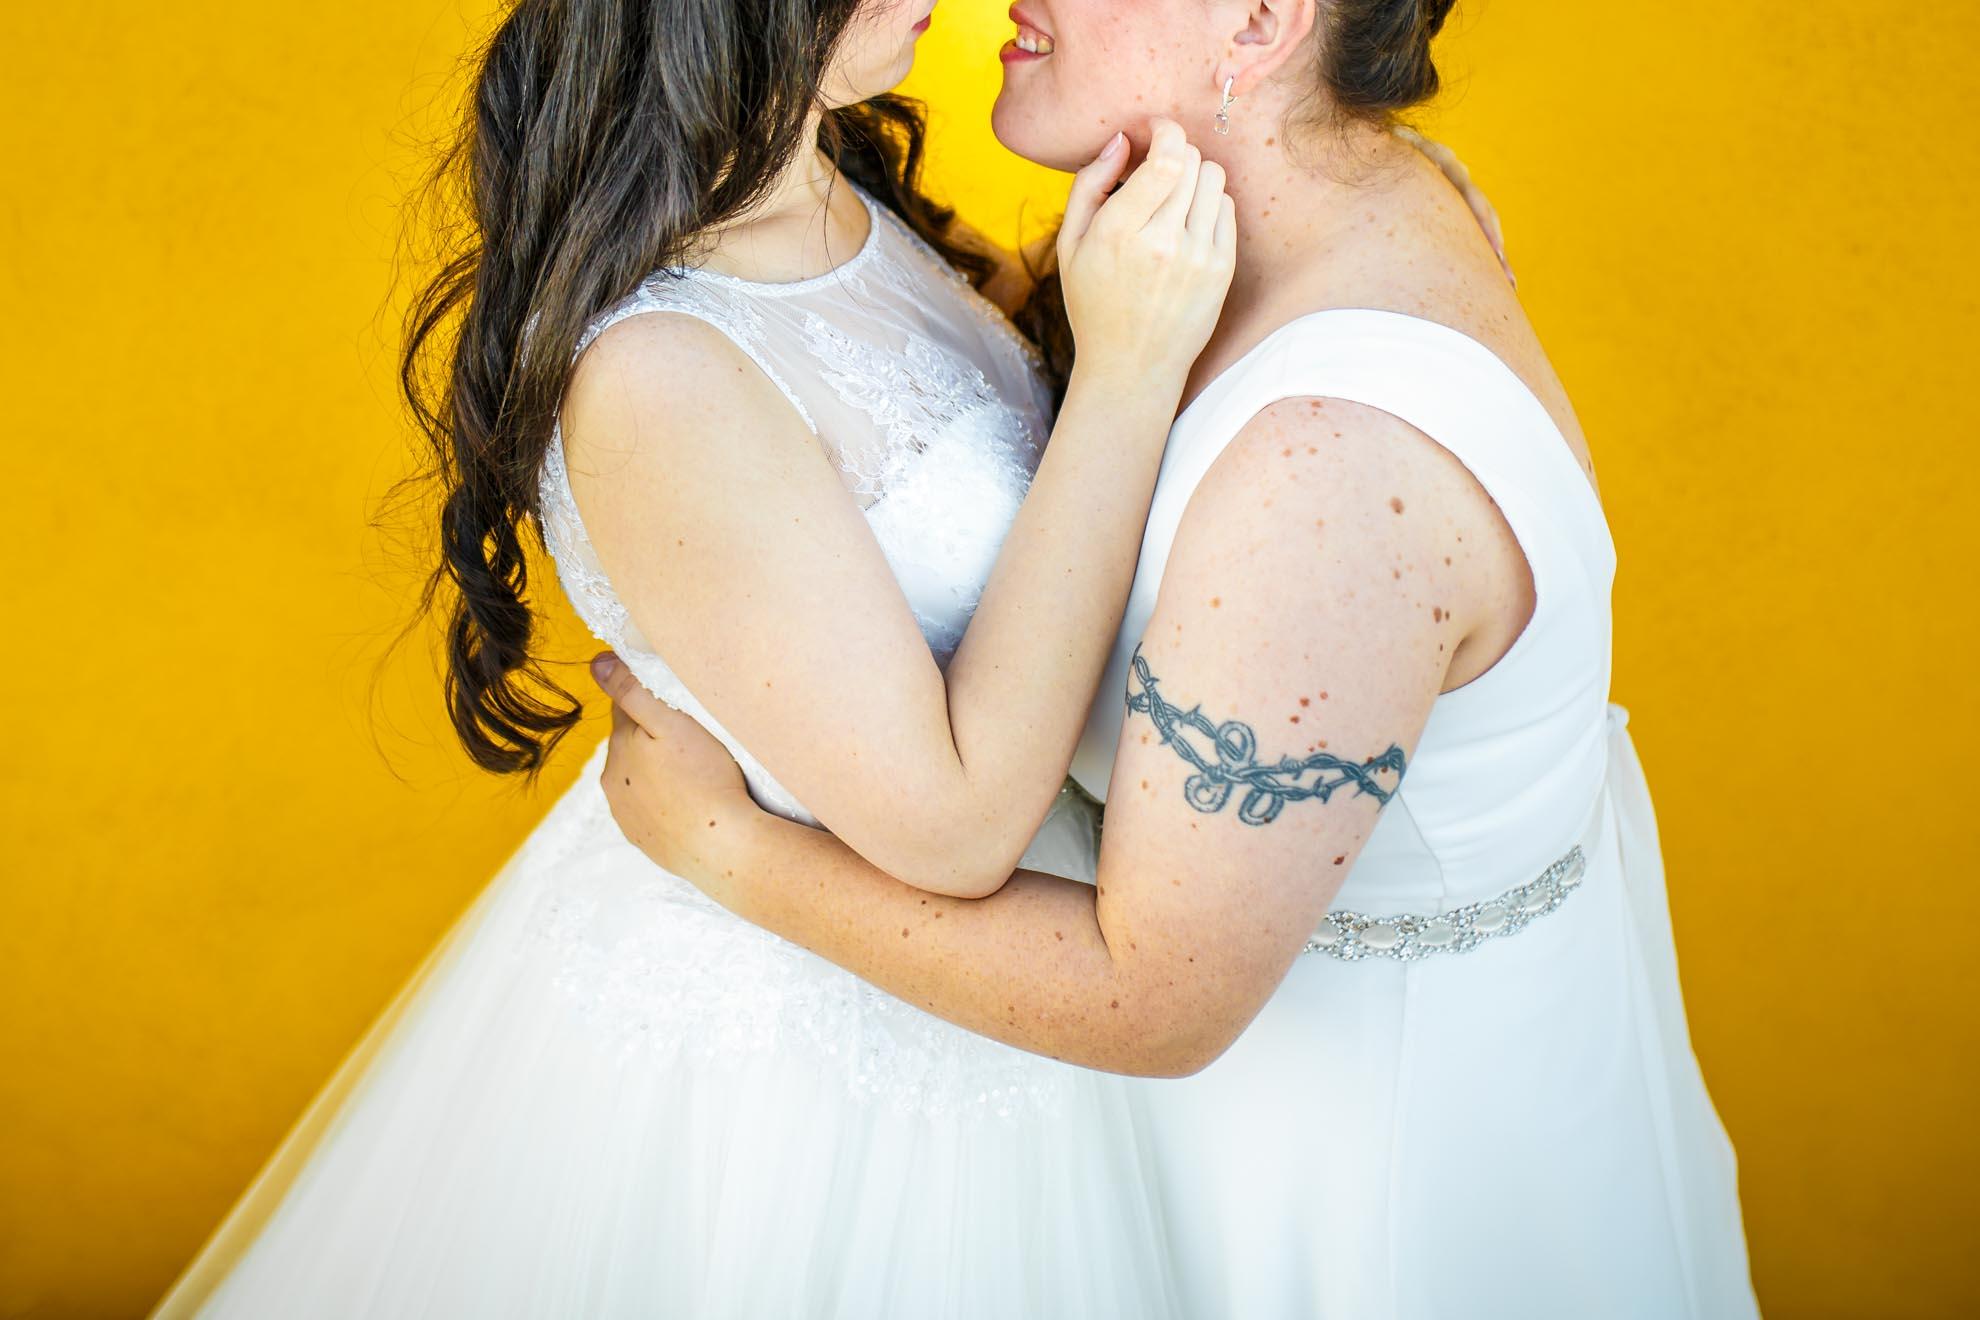 detalle de dos novias besandose sobre un fondo amarillo